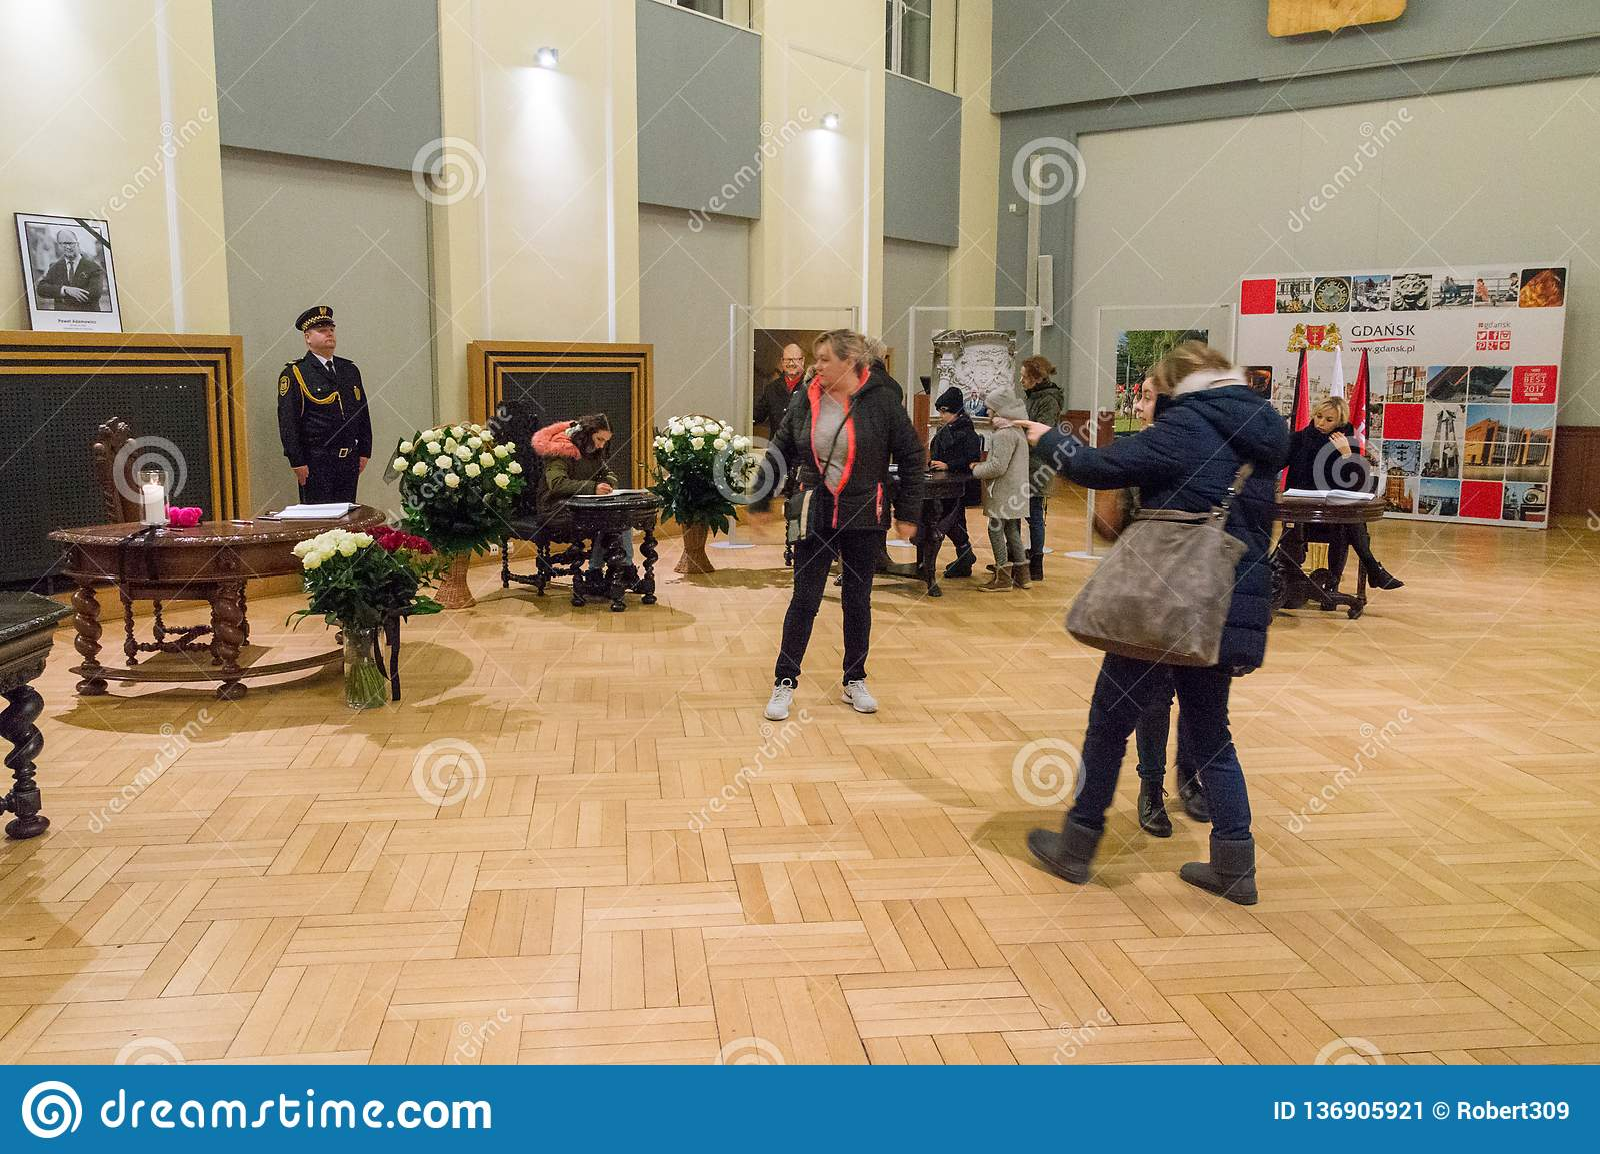 Οι άνθρωποι γράφουν ένα μήνυμα των συλληπητήριων σχετικά με το θάνατο του δημάρχου του Γντανσκ Pawel Adamowicz